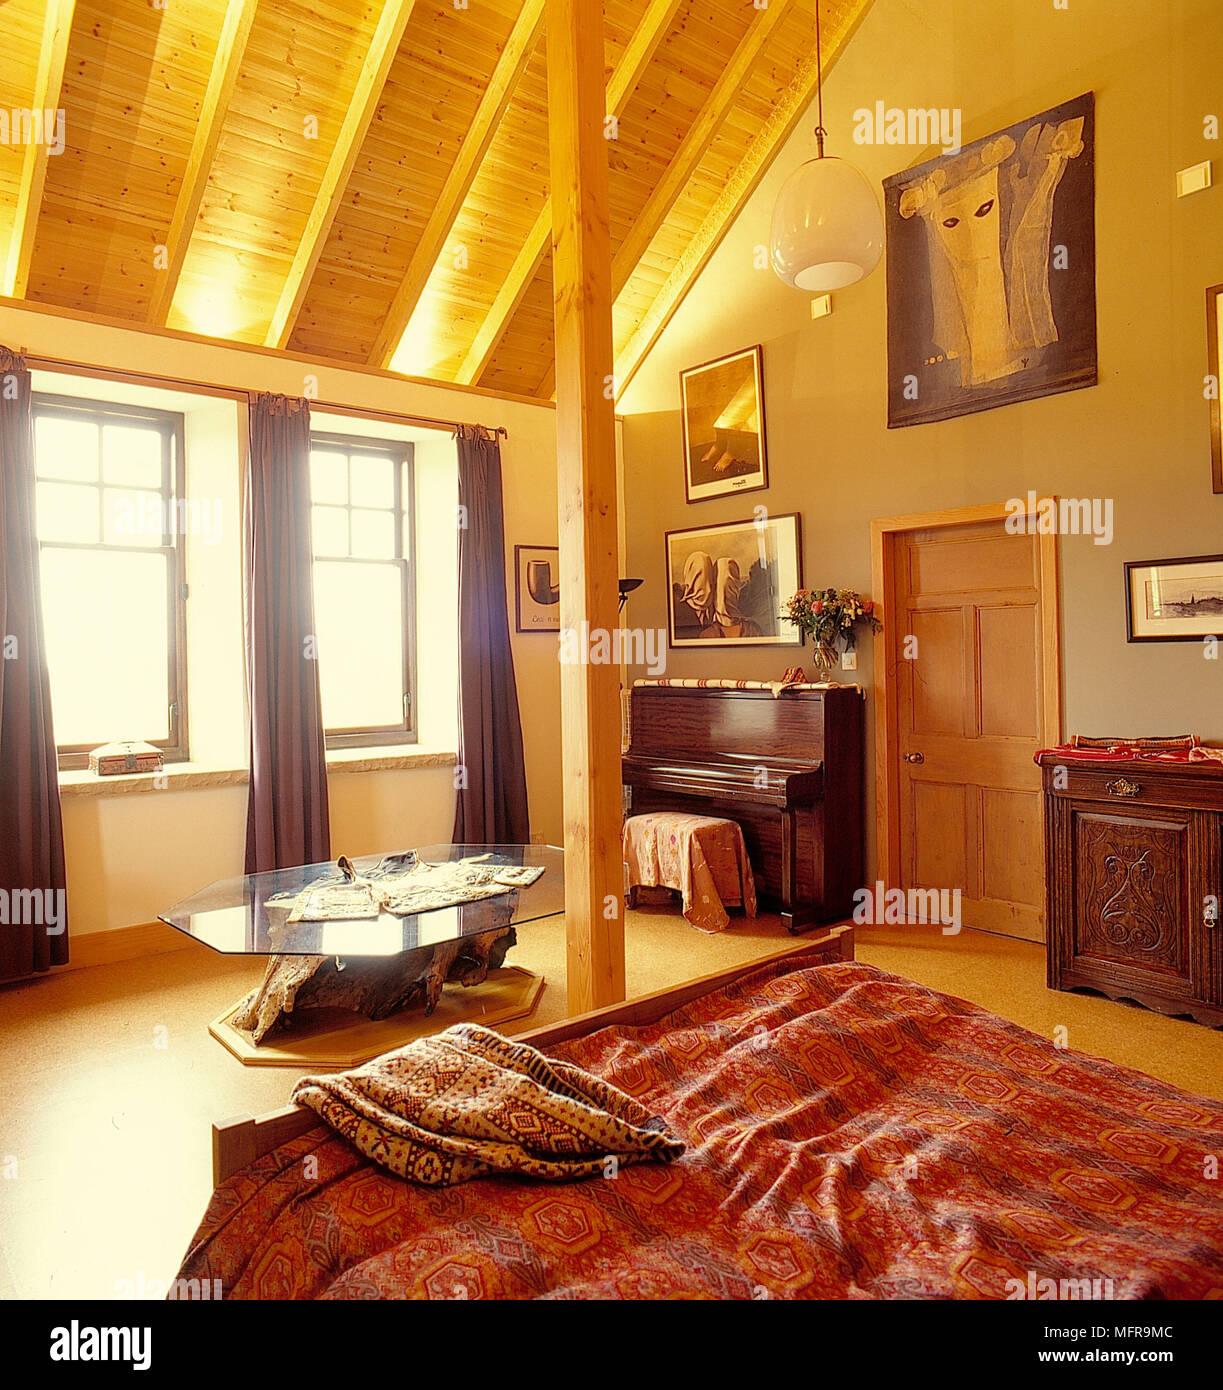 Land Schlafzimmer Neutrale Wande Schrage Decke Aus Holz Leuchten